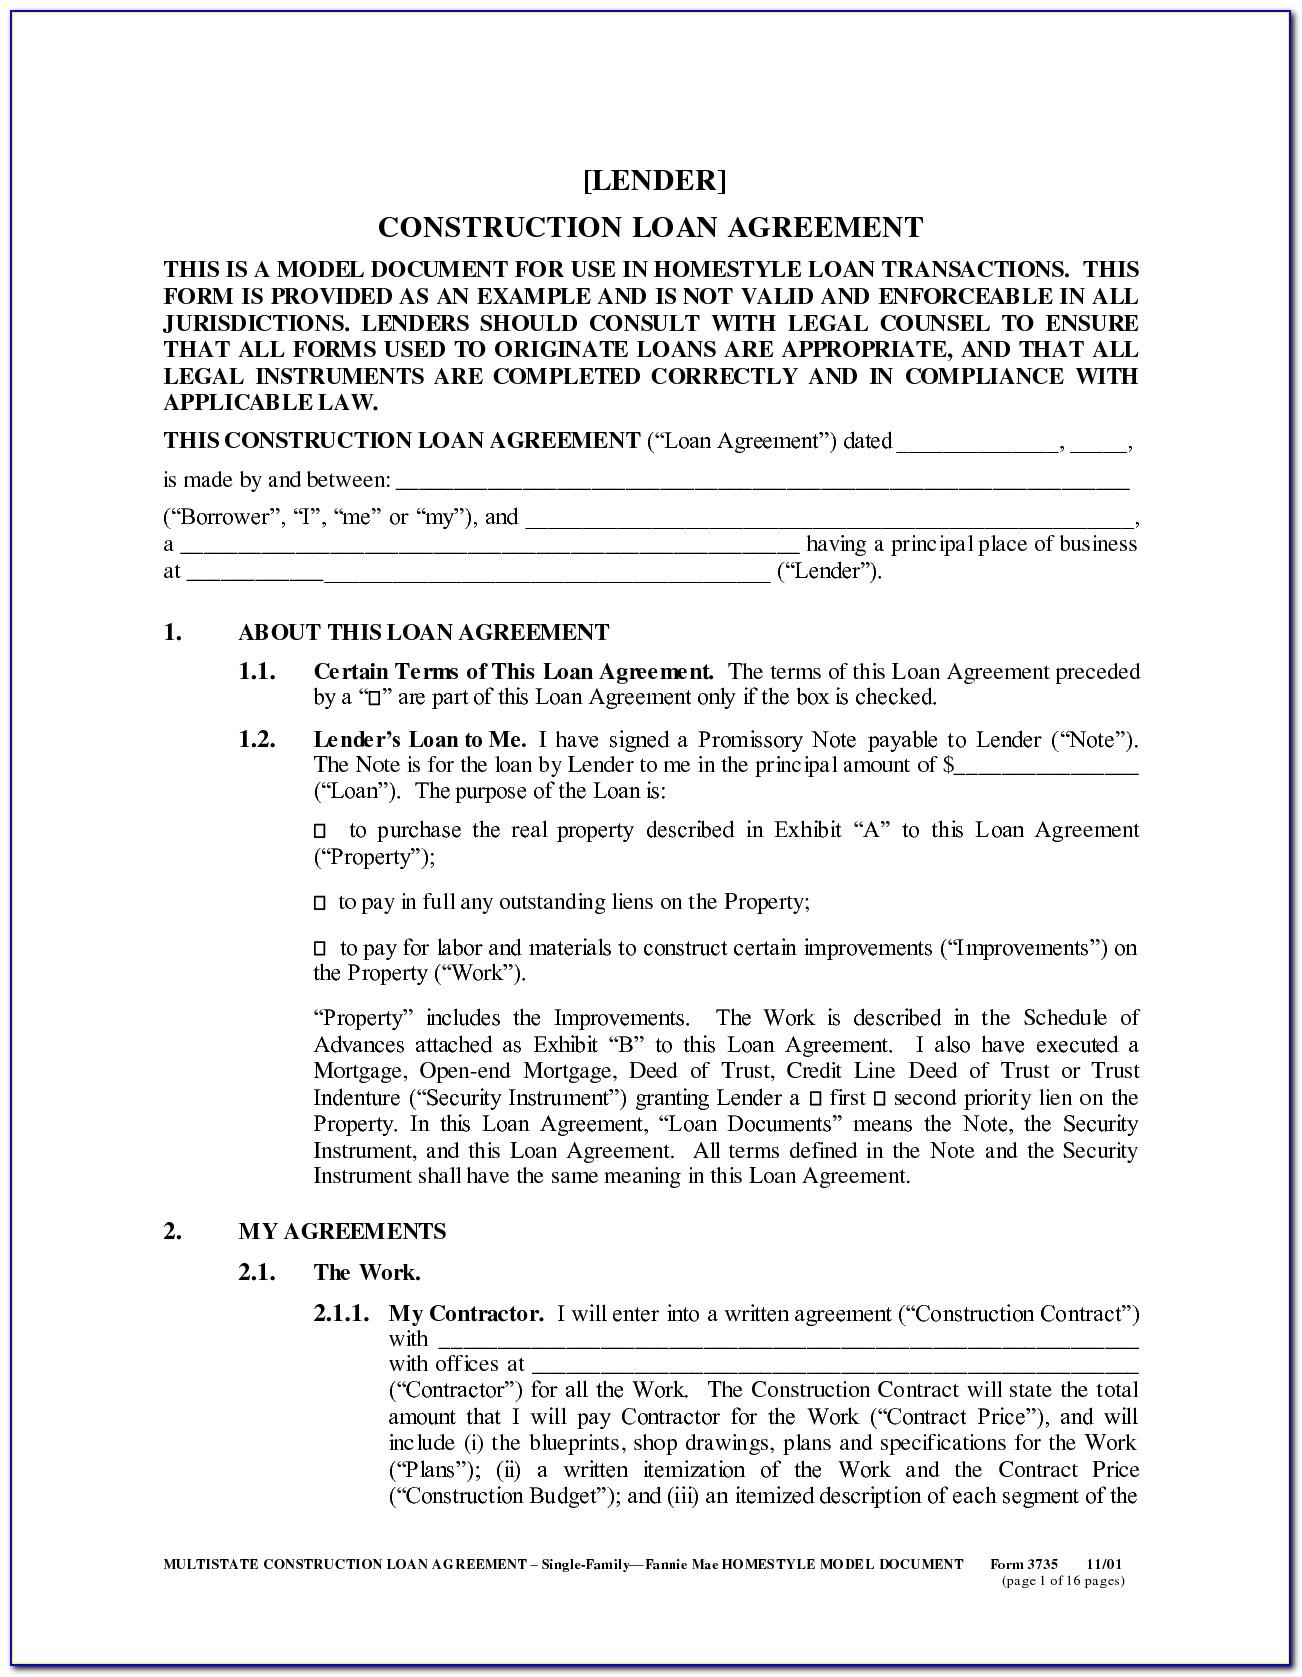 Car Loan Agreement Template Loan Agreemen Auto Loan Agreement With Private Car Loan Agreement Template